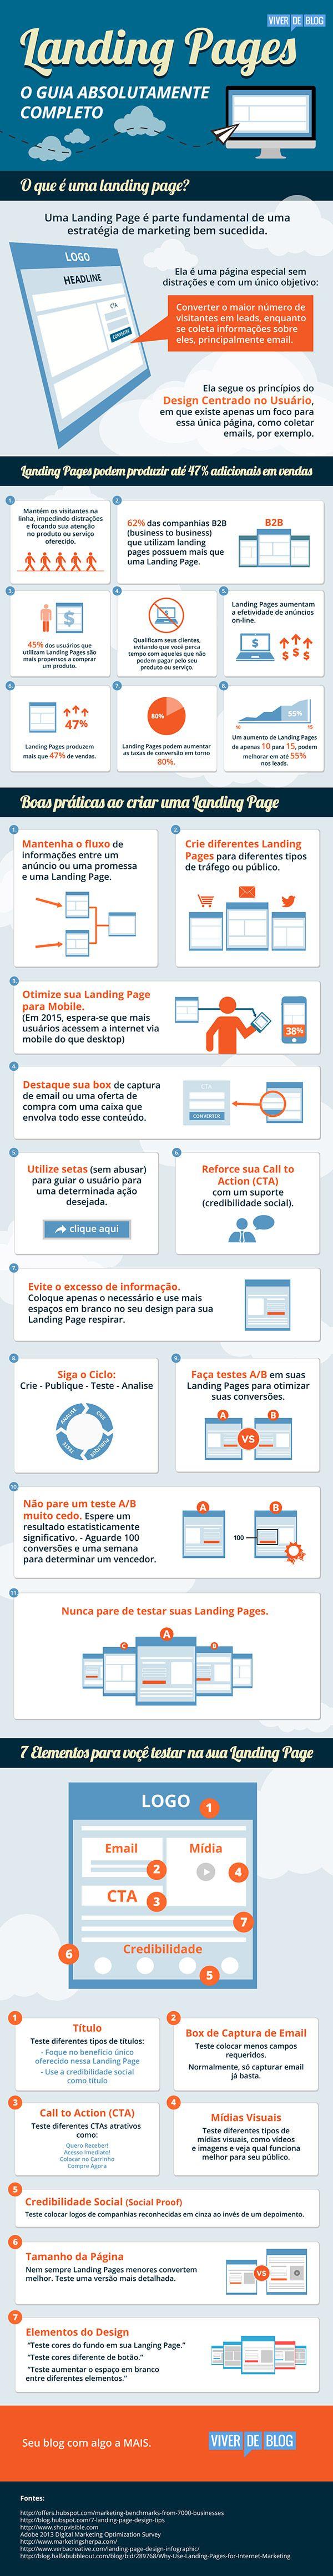 Quer saber absolutamente tudo sobre Landing Pages? Veja esse rico Infográfico para saber como montar e otimizar uma Landing Page.